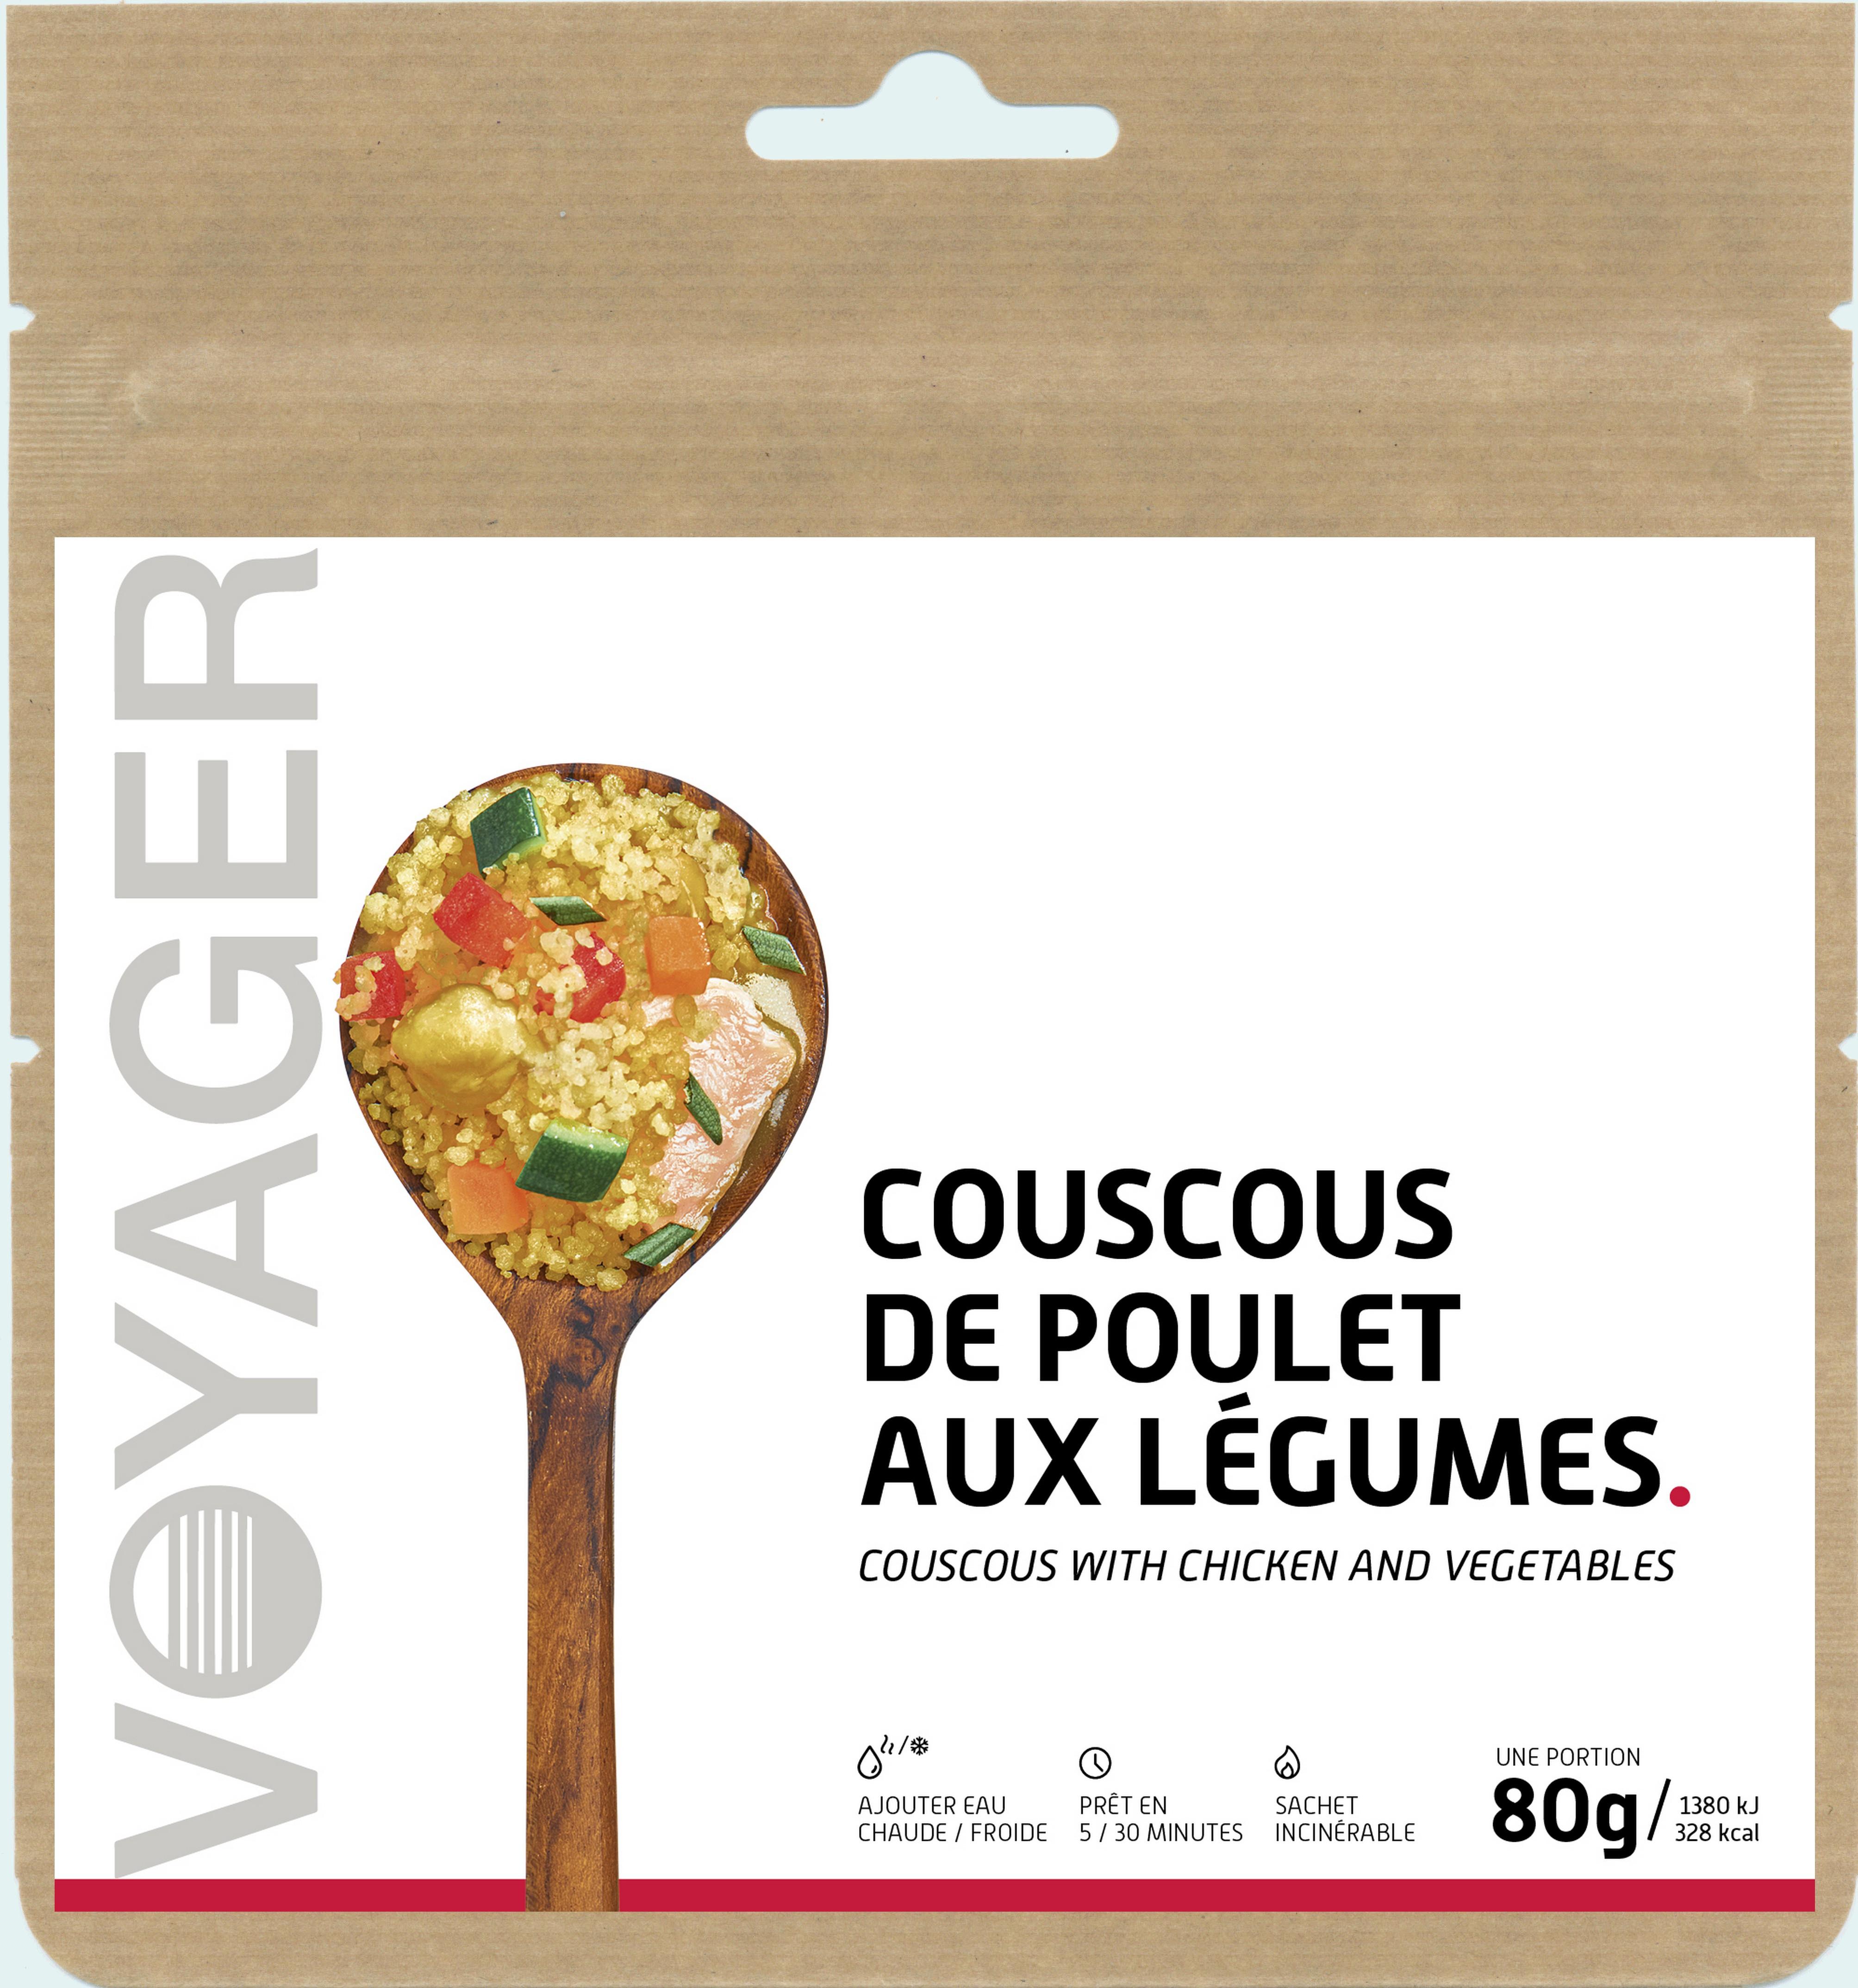 Couscous de poulet aux légumes - Voyager